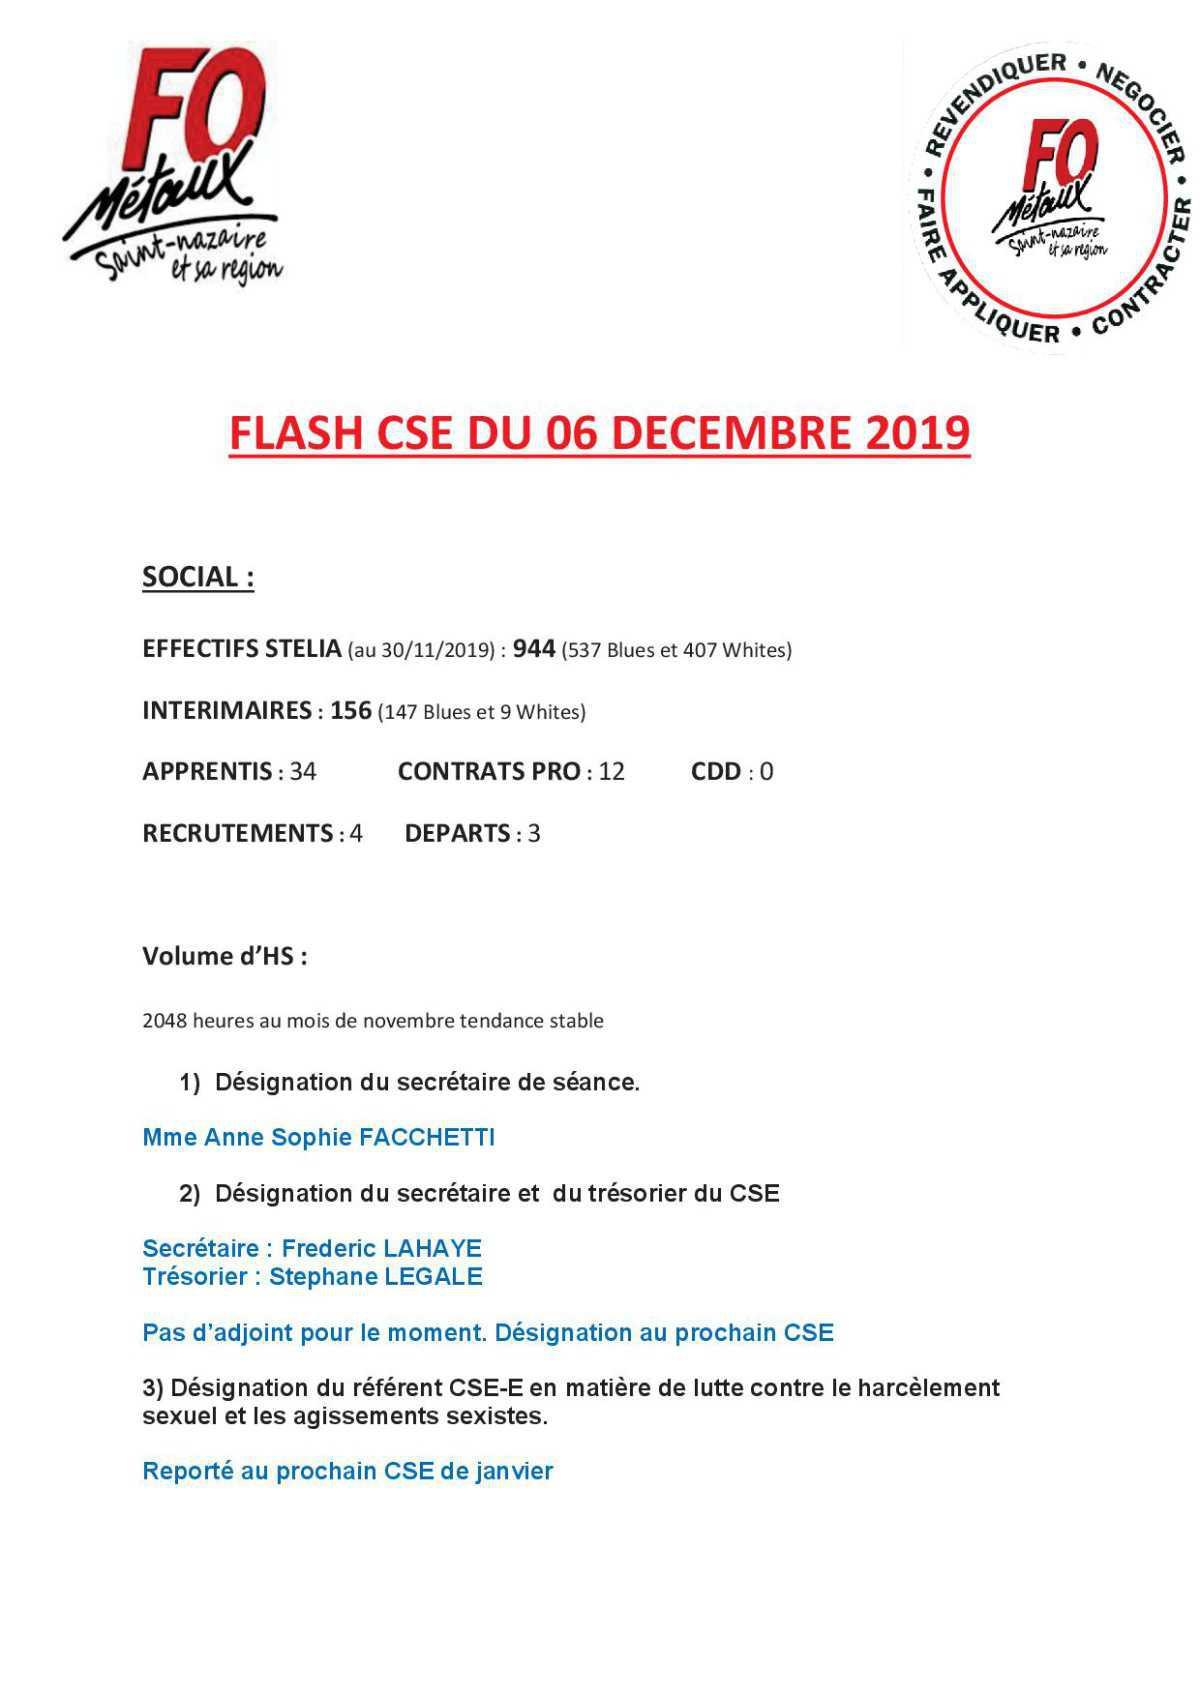 FLASH CSE DU 06 DECEMBRE